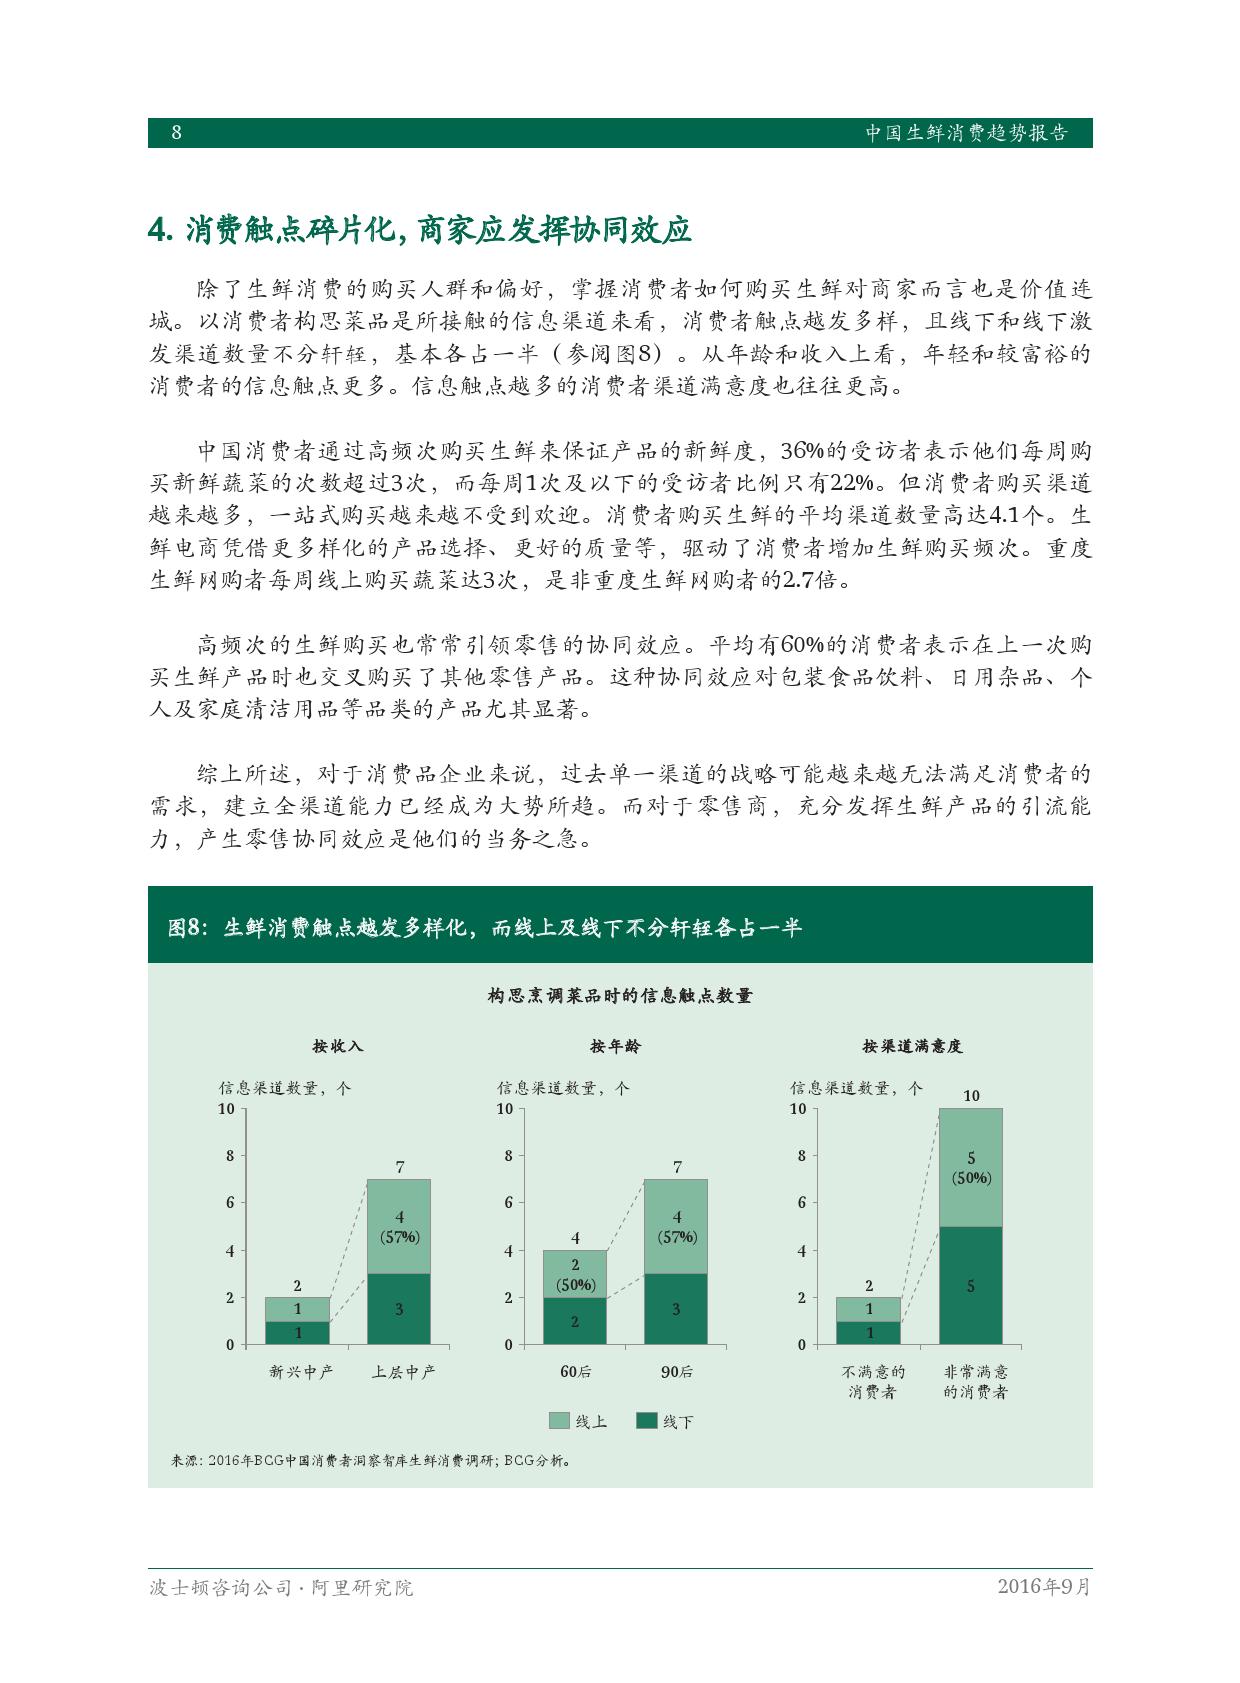 2016年中国生鲜消费趋势报告_000010